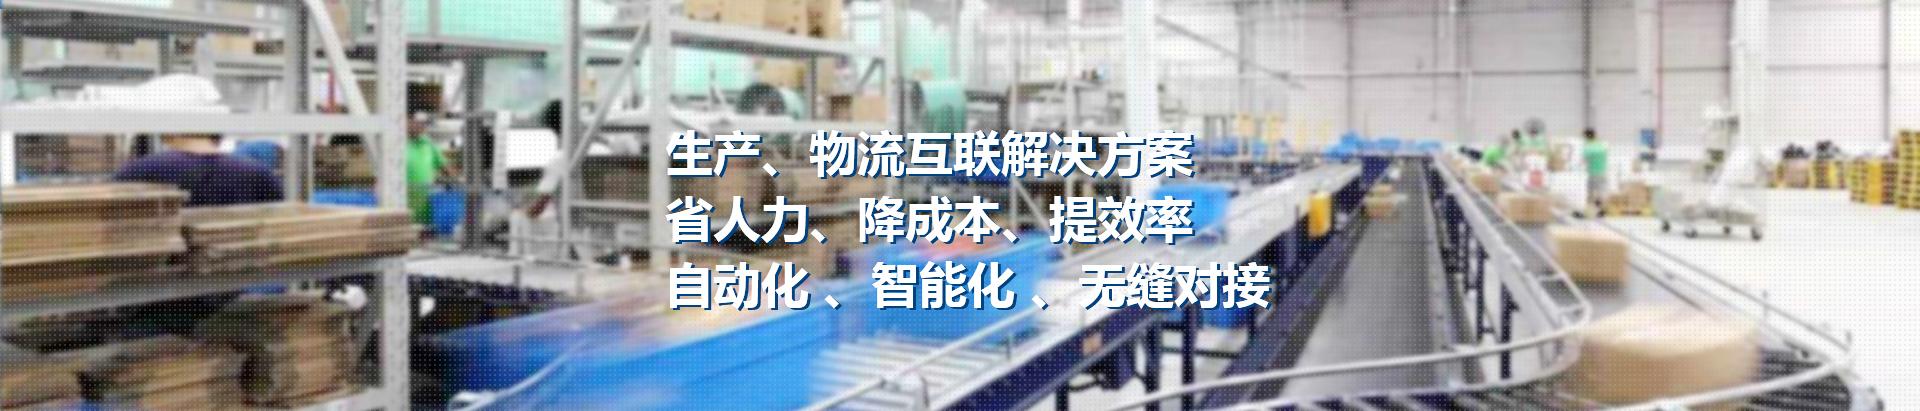 一家专业提供生产物流互联解决方案的厂商